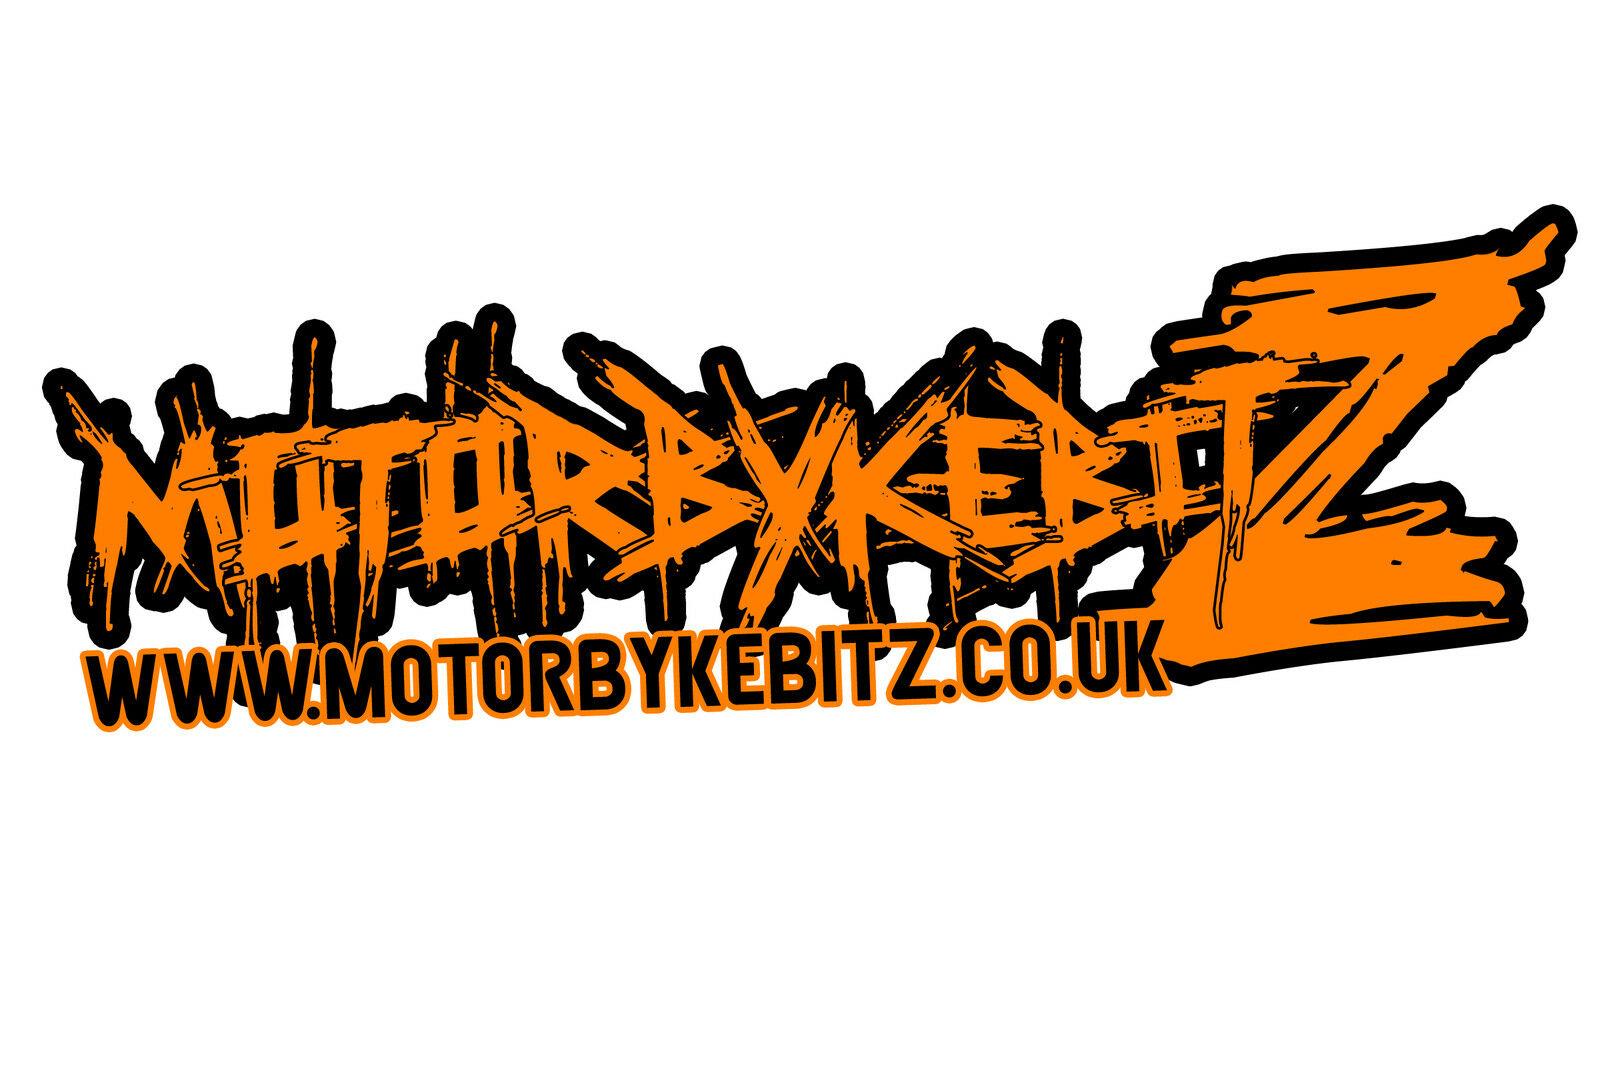 motorbykebitz-223-2